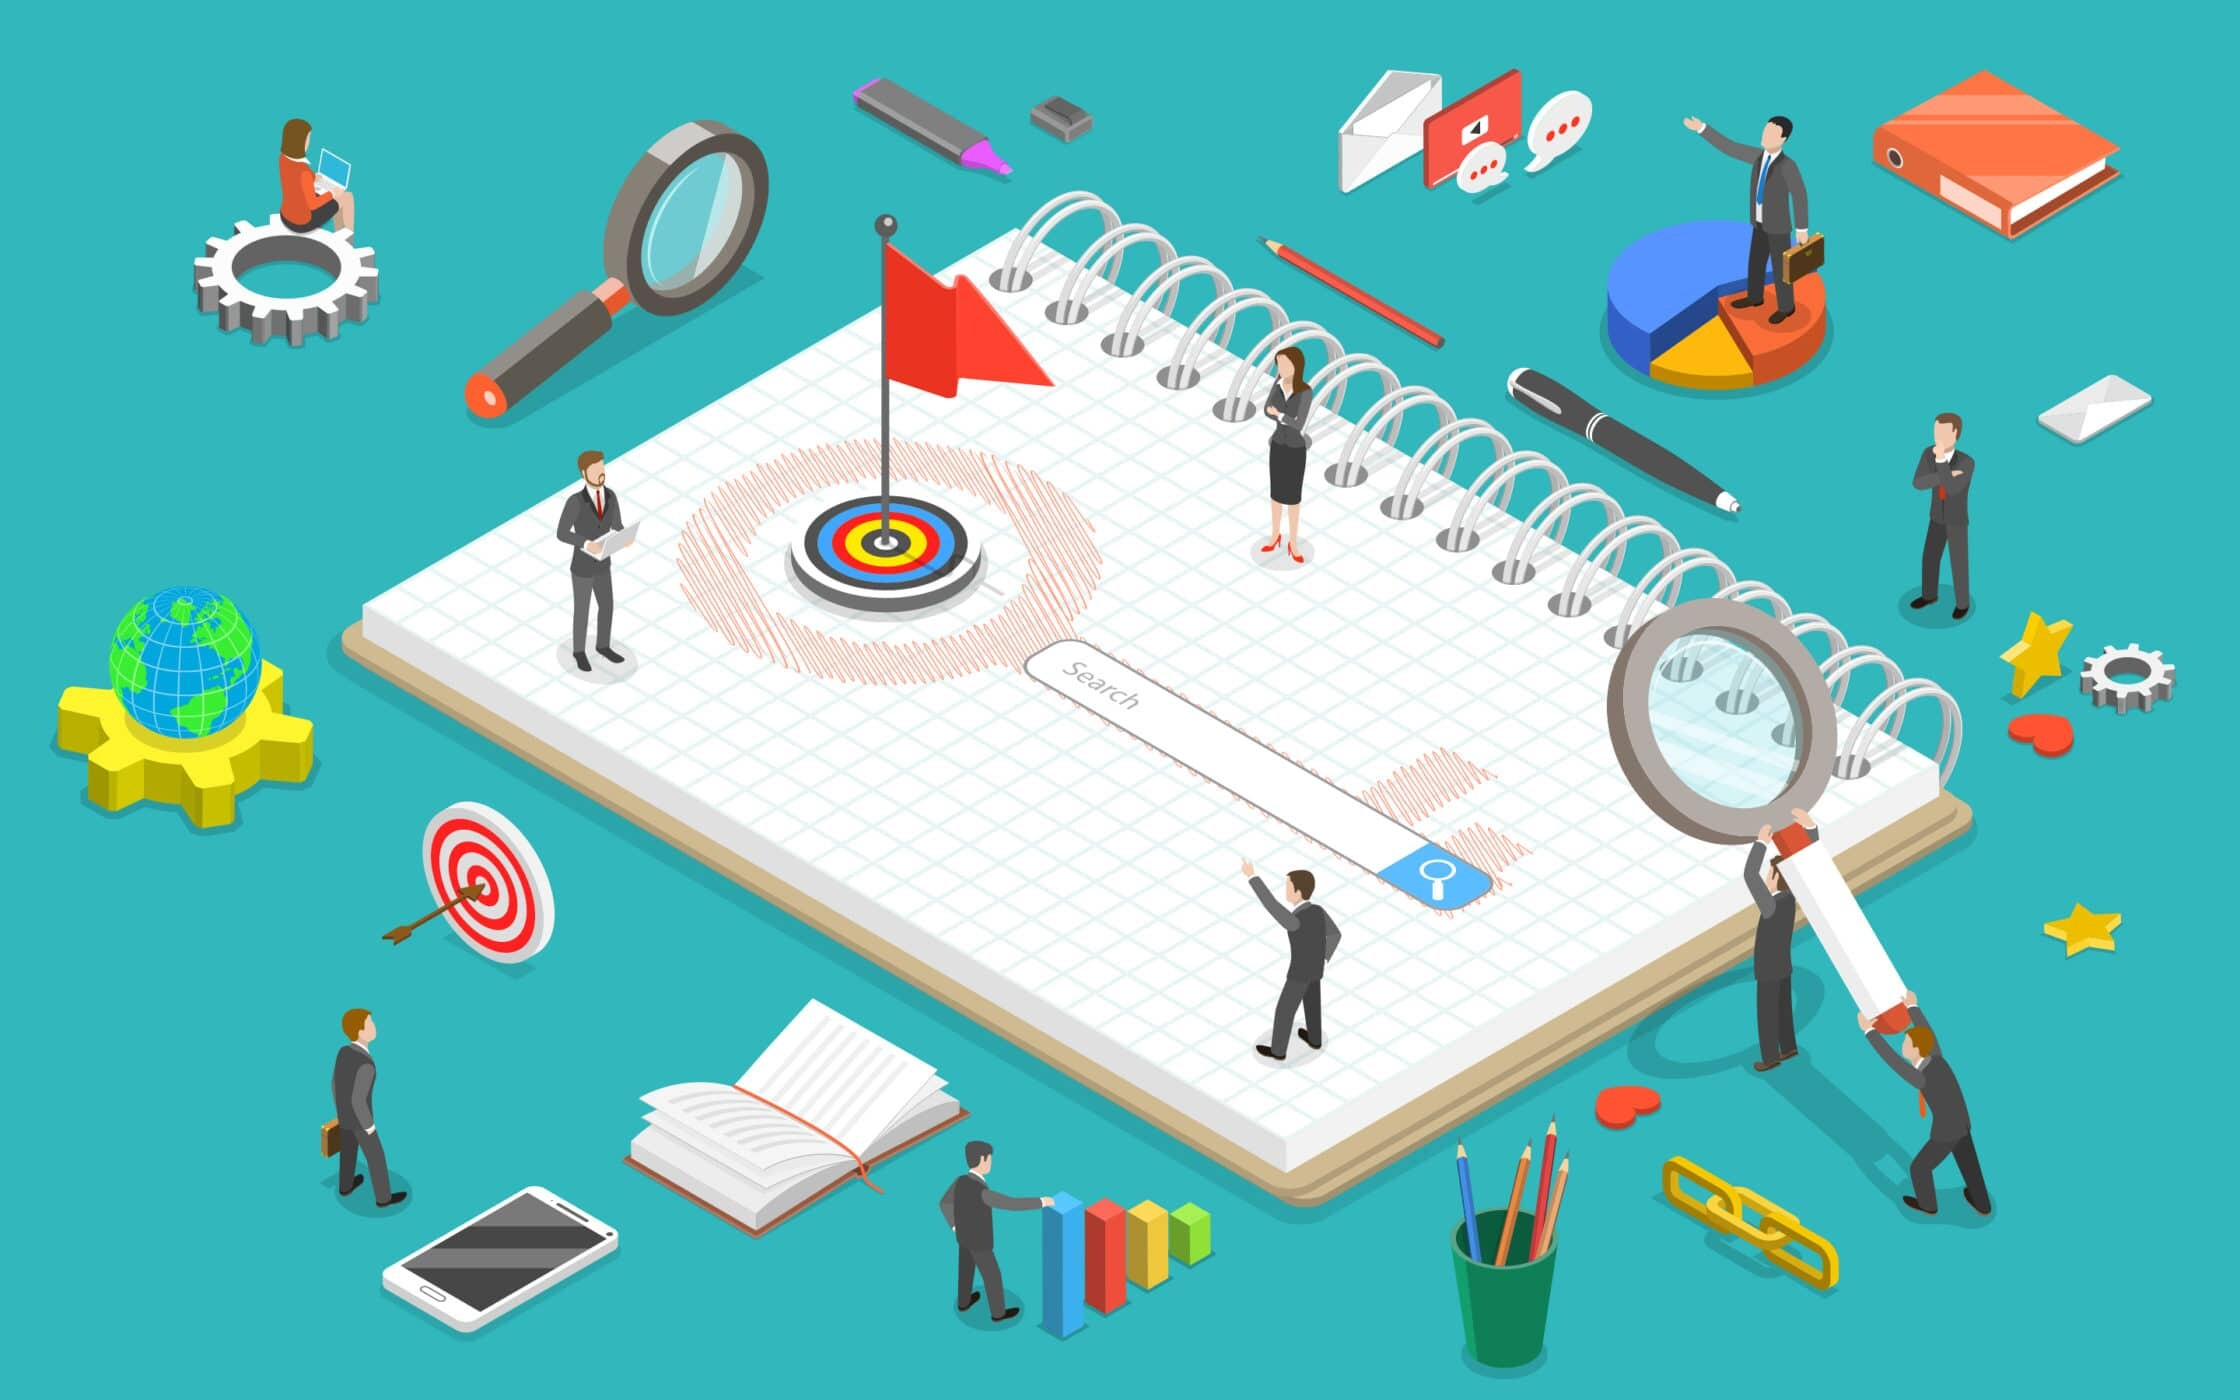 [마소캠퍼스] 2020년에 효과적인 키워드 타겟팅 5단계 프레임워크